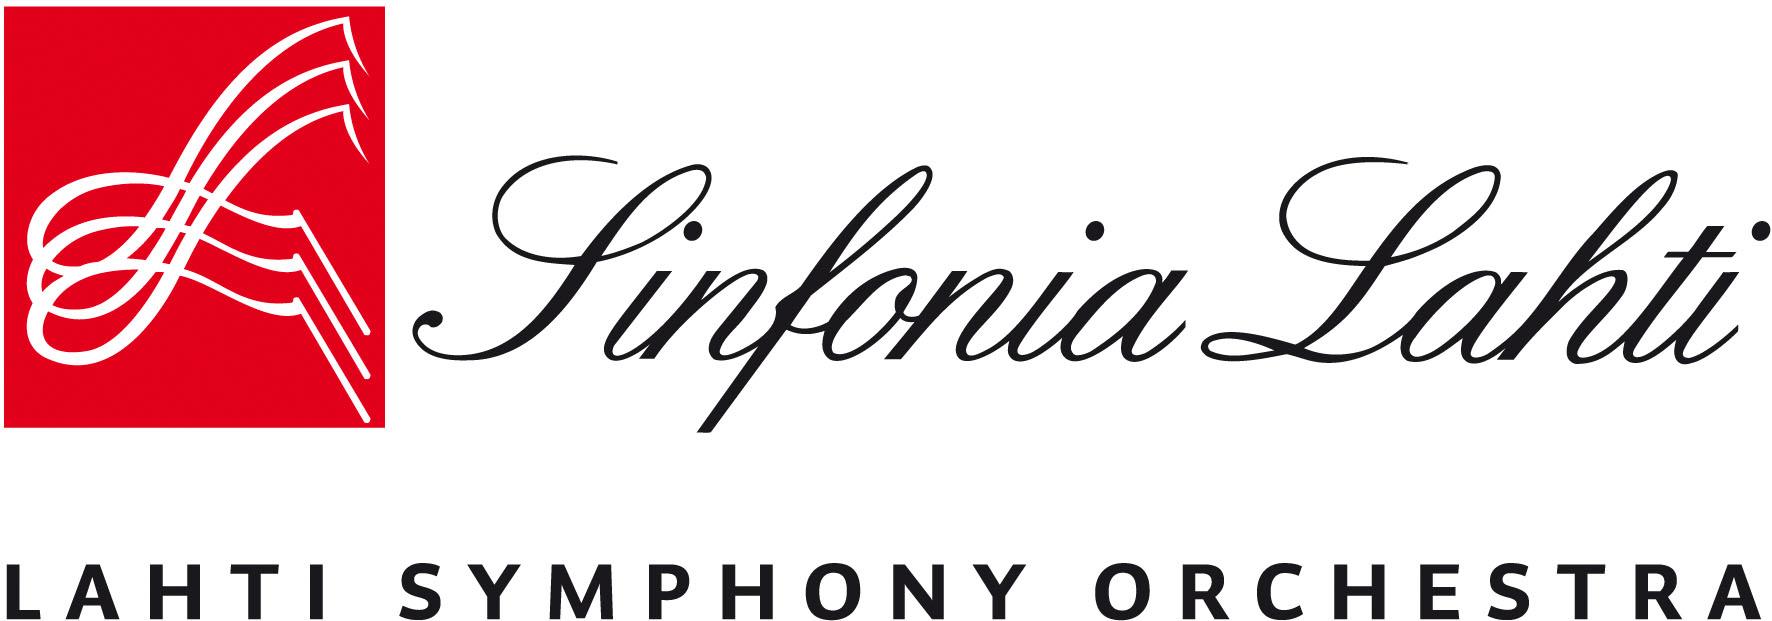 sinfonia_lahti_eng